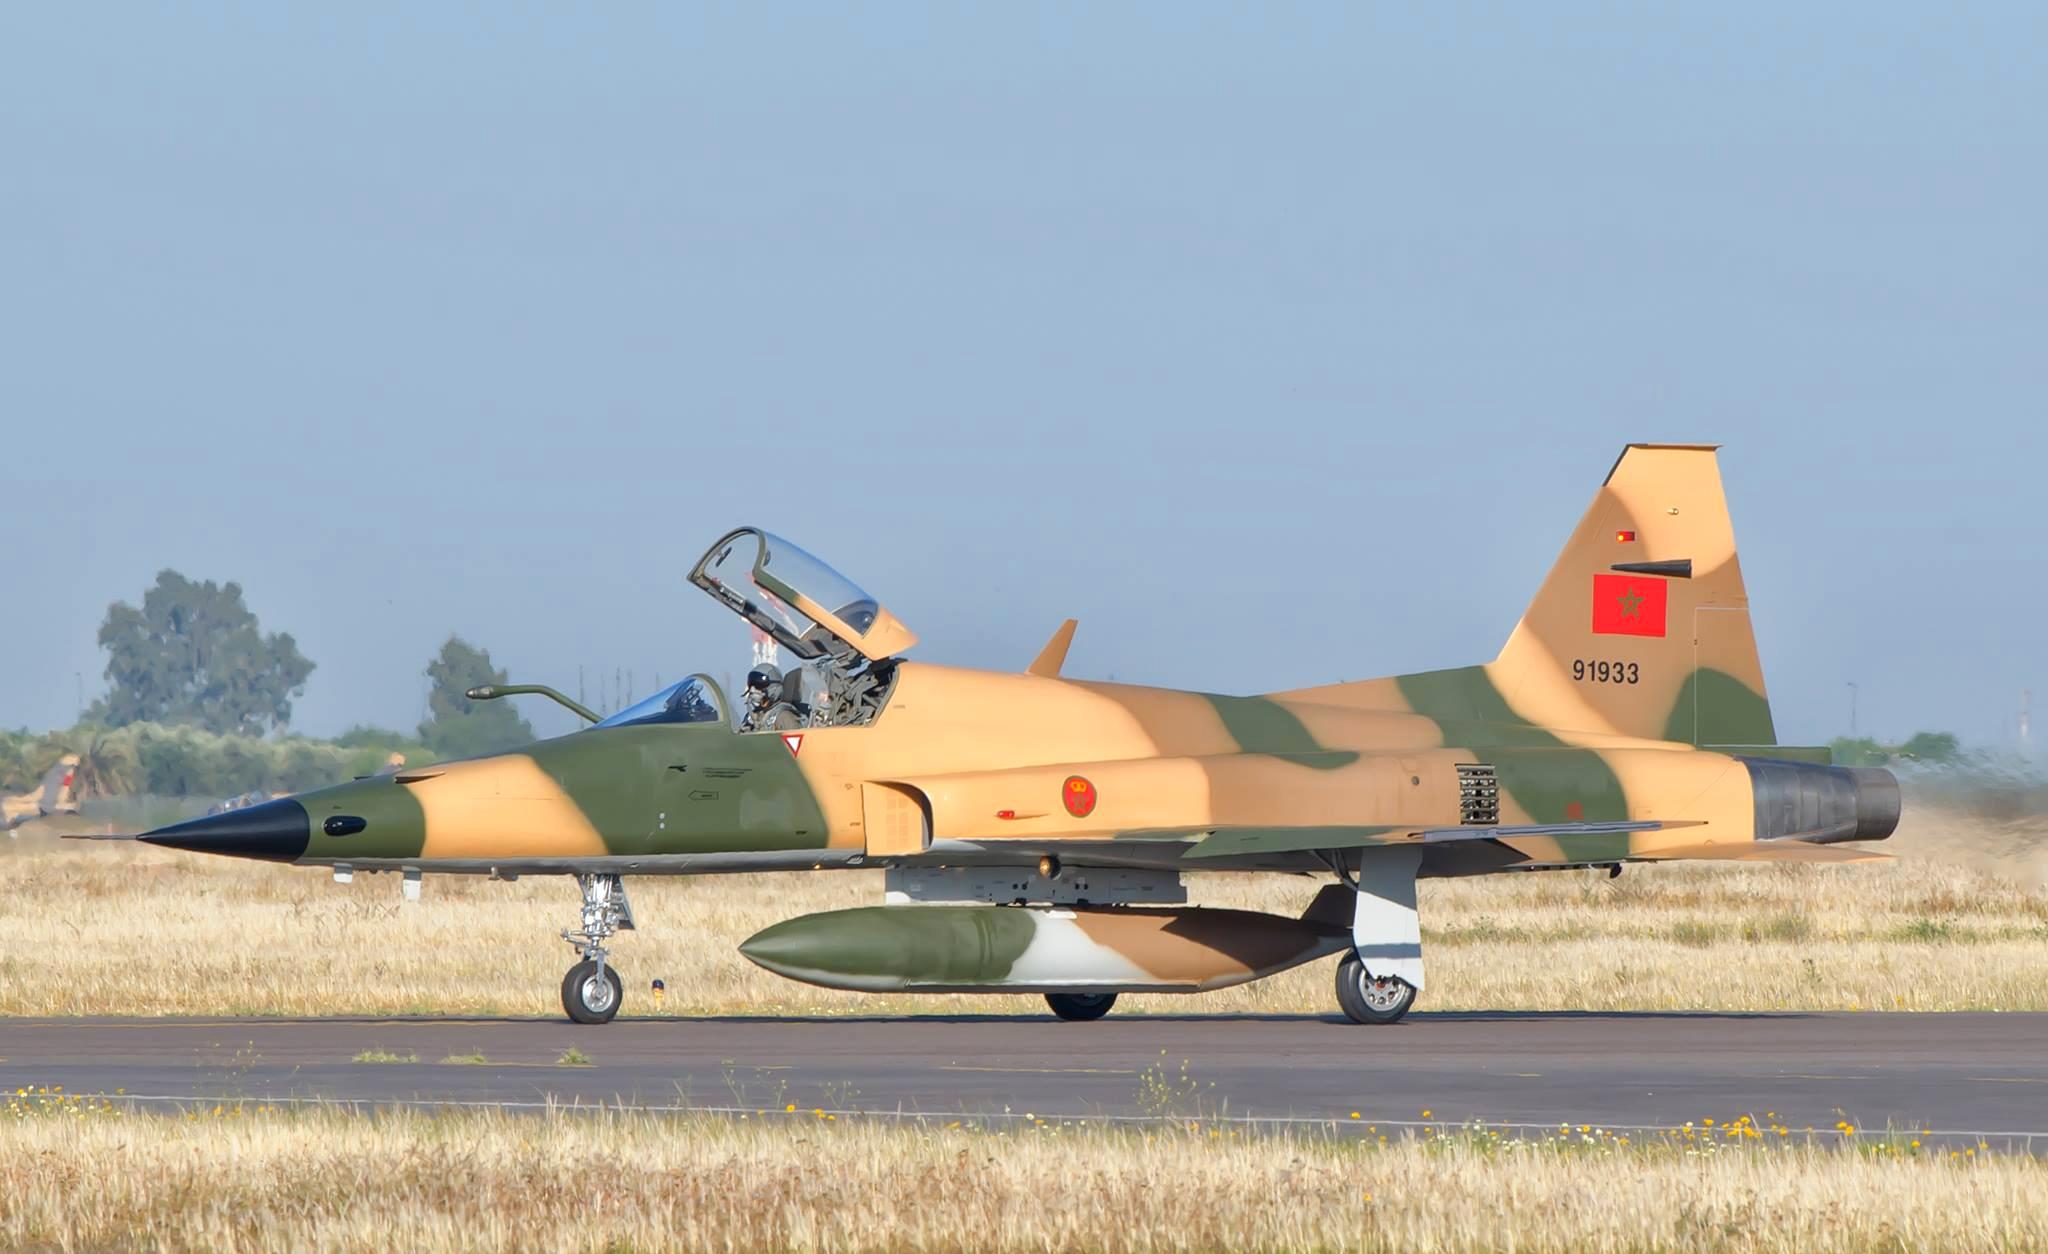 القوات الجوية الملكية المغربية - متجدد - - صفحة 2 160201065339282572